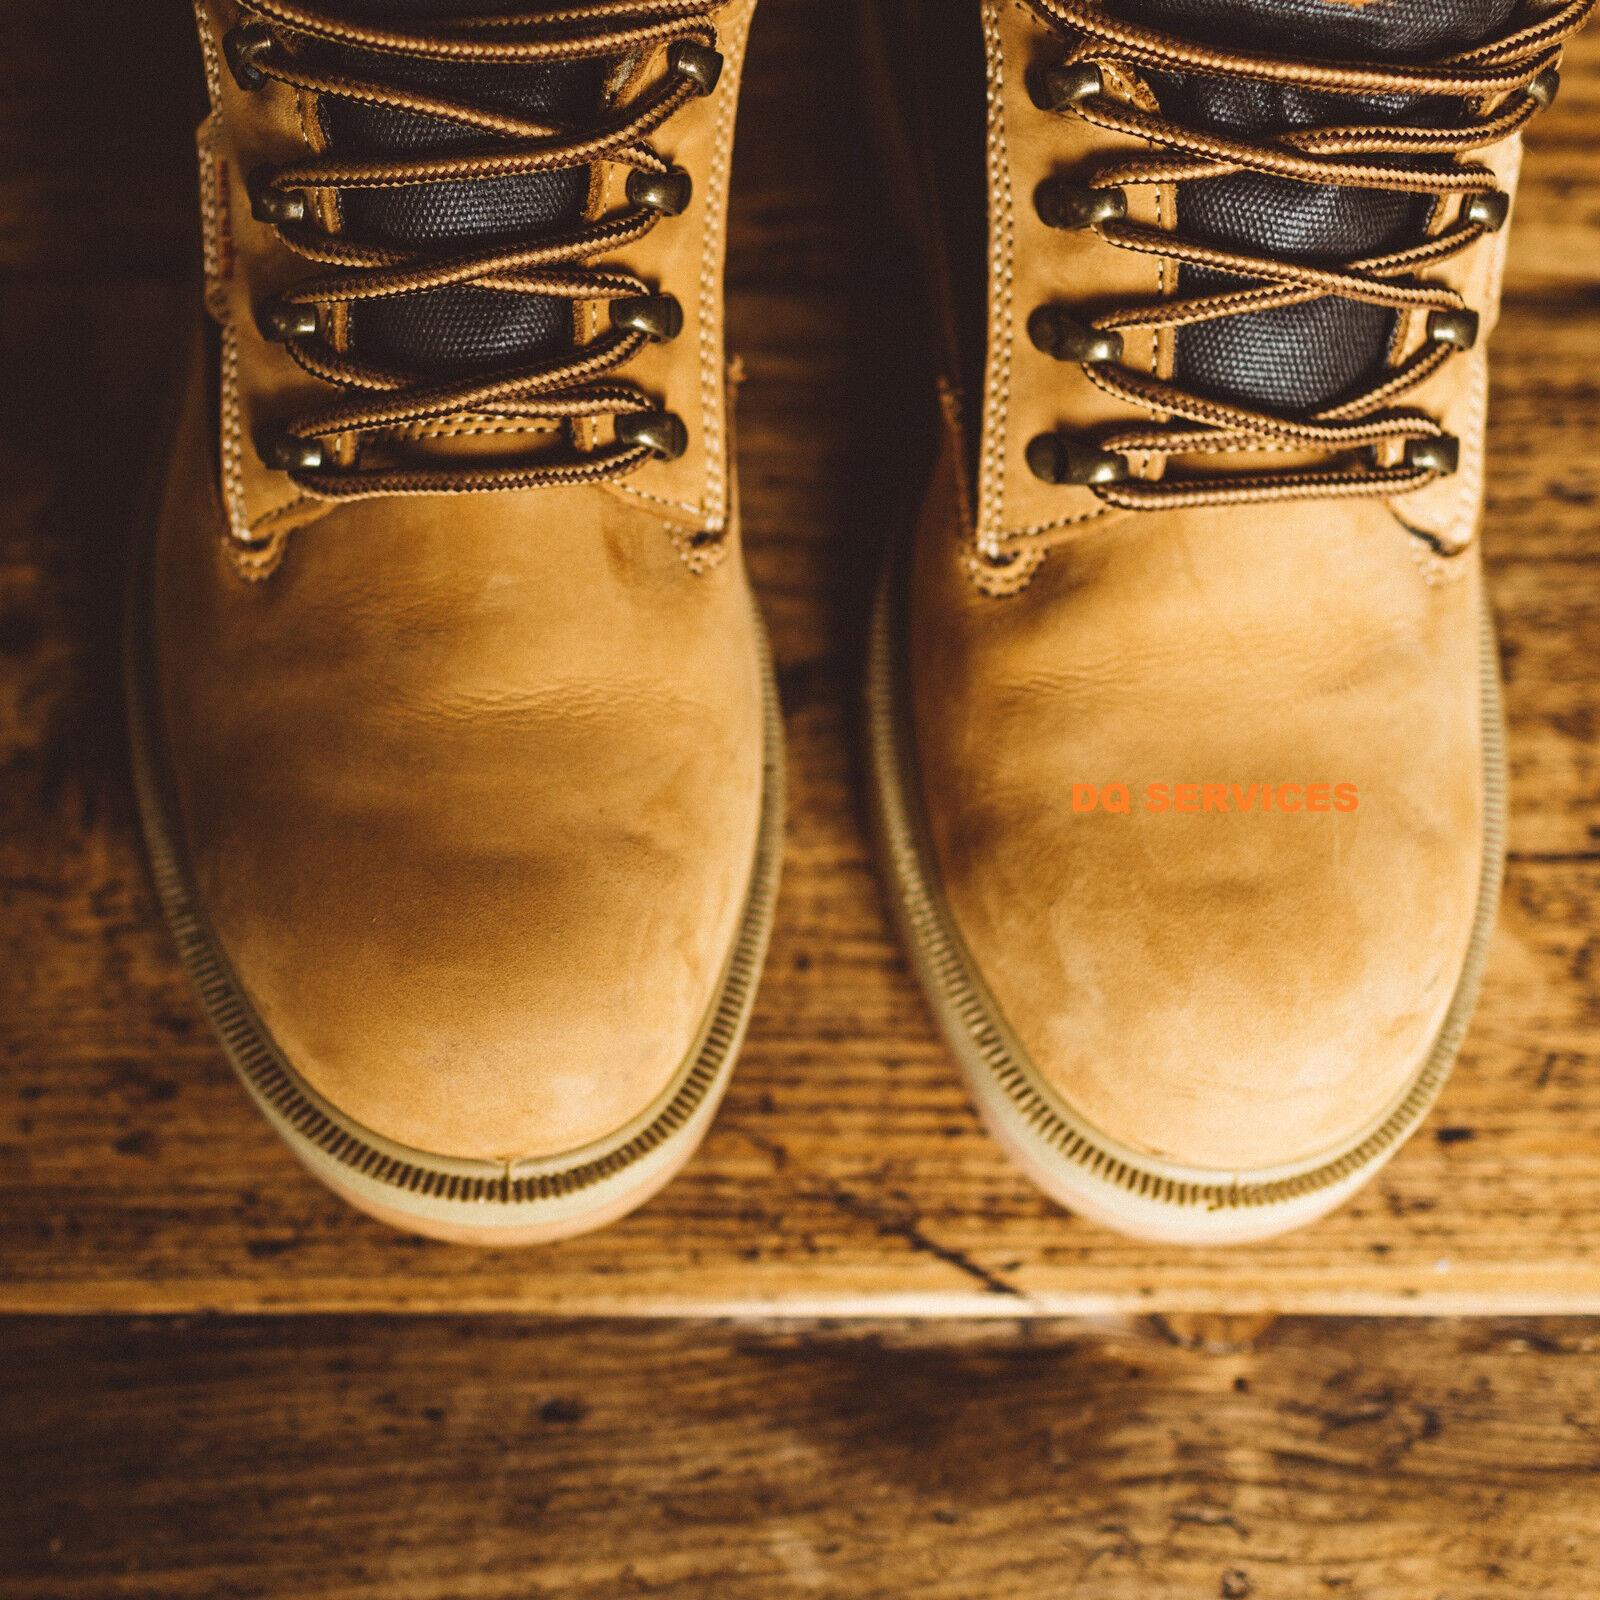 Scruffs TWISTER Safety Hiker Work Boots Tan Cap (Sizes 7-12) Steel Toe Cap Tan f3815d